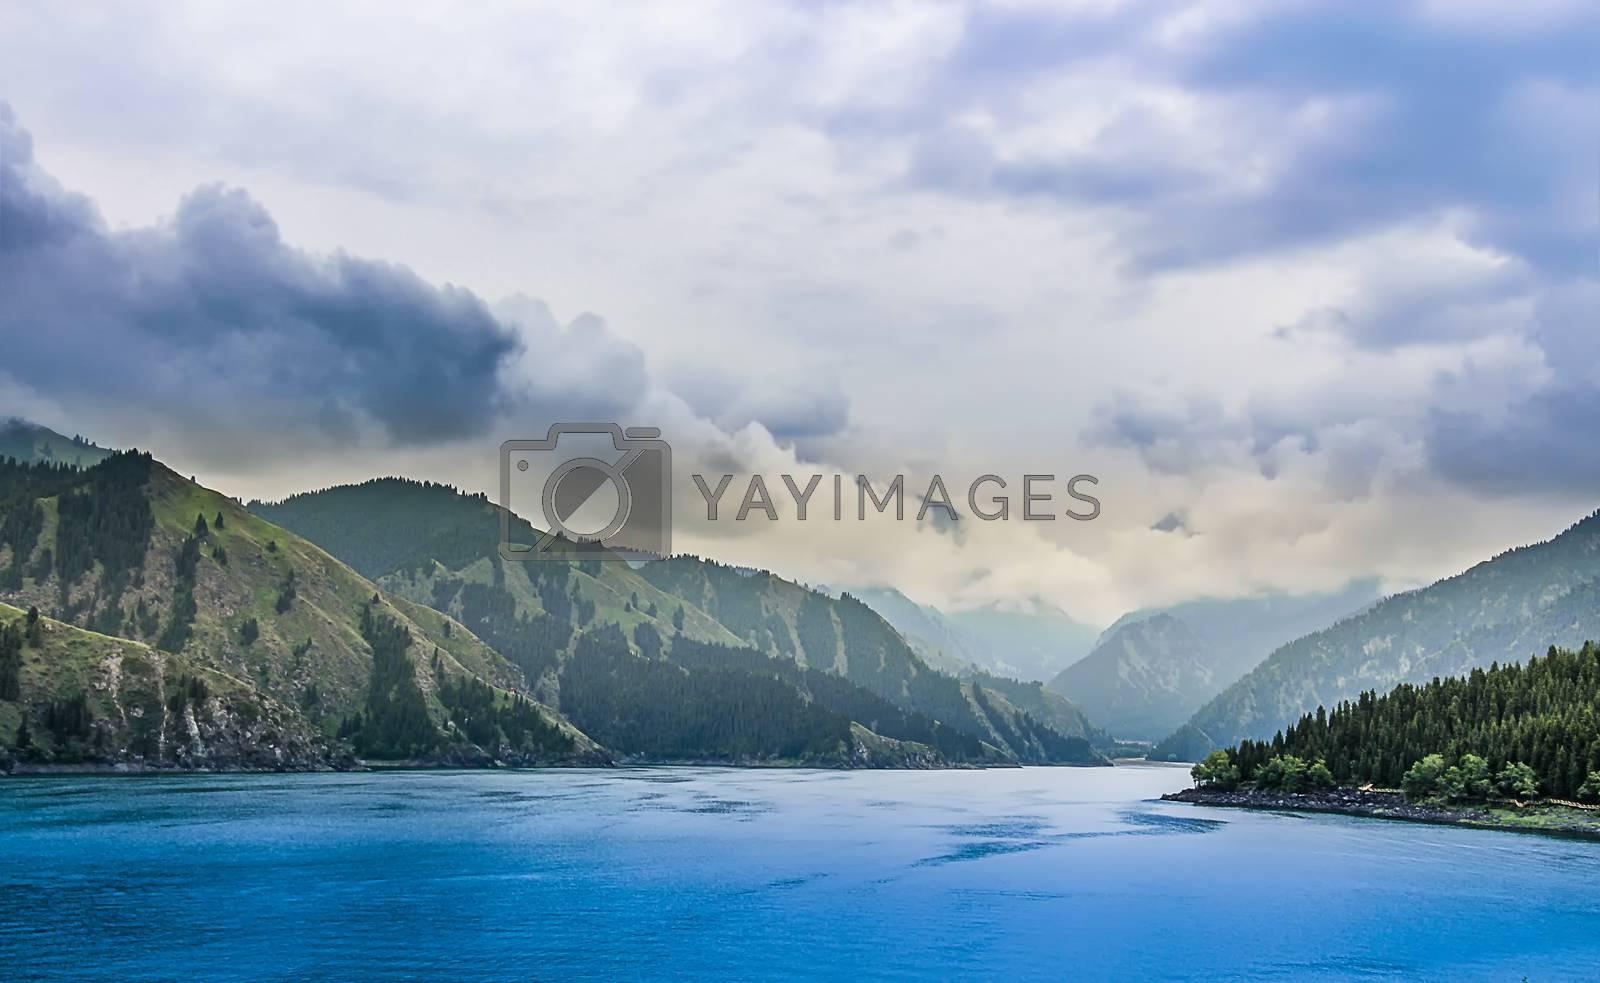 Tianchi is an alpine lake in Bogda Shan, Fukang City, Xinjiang, China